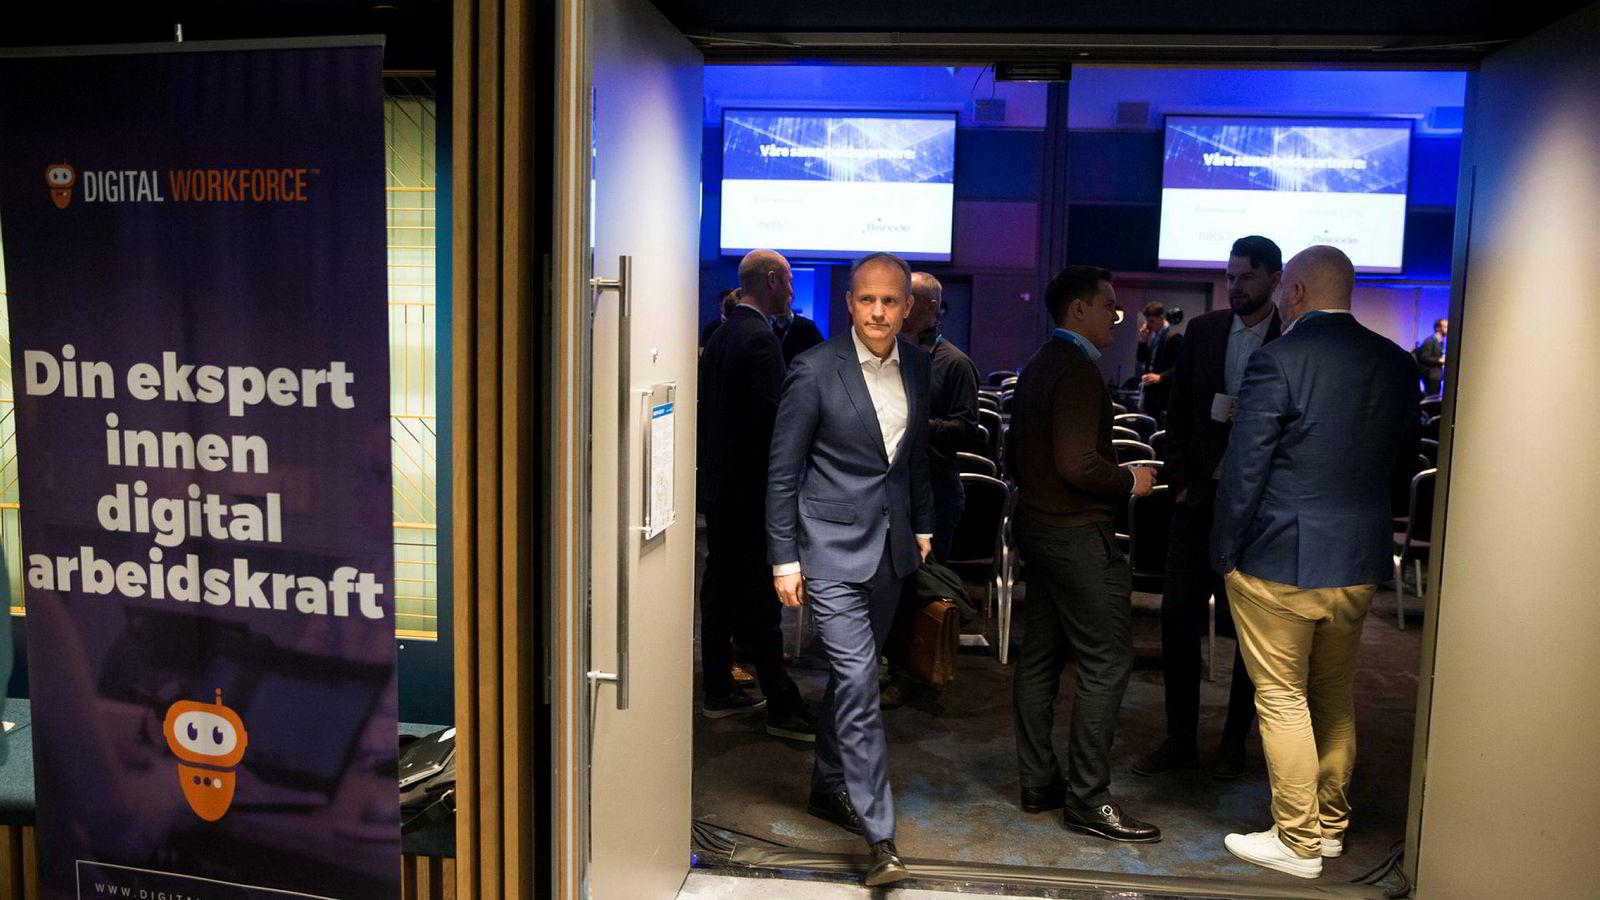 Tore Mydske i advokatfirmaet Thommessen på vei ut fra sitt foredrag på DN Fintech-konferansen i Oslo. – Alt kan gå galt, sier han om fallgruvene rundt bruk av kunstig intelligens i finansnæringen.